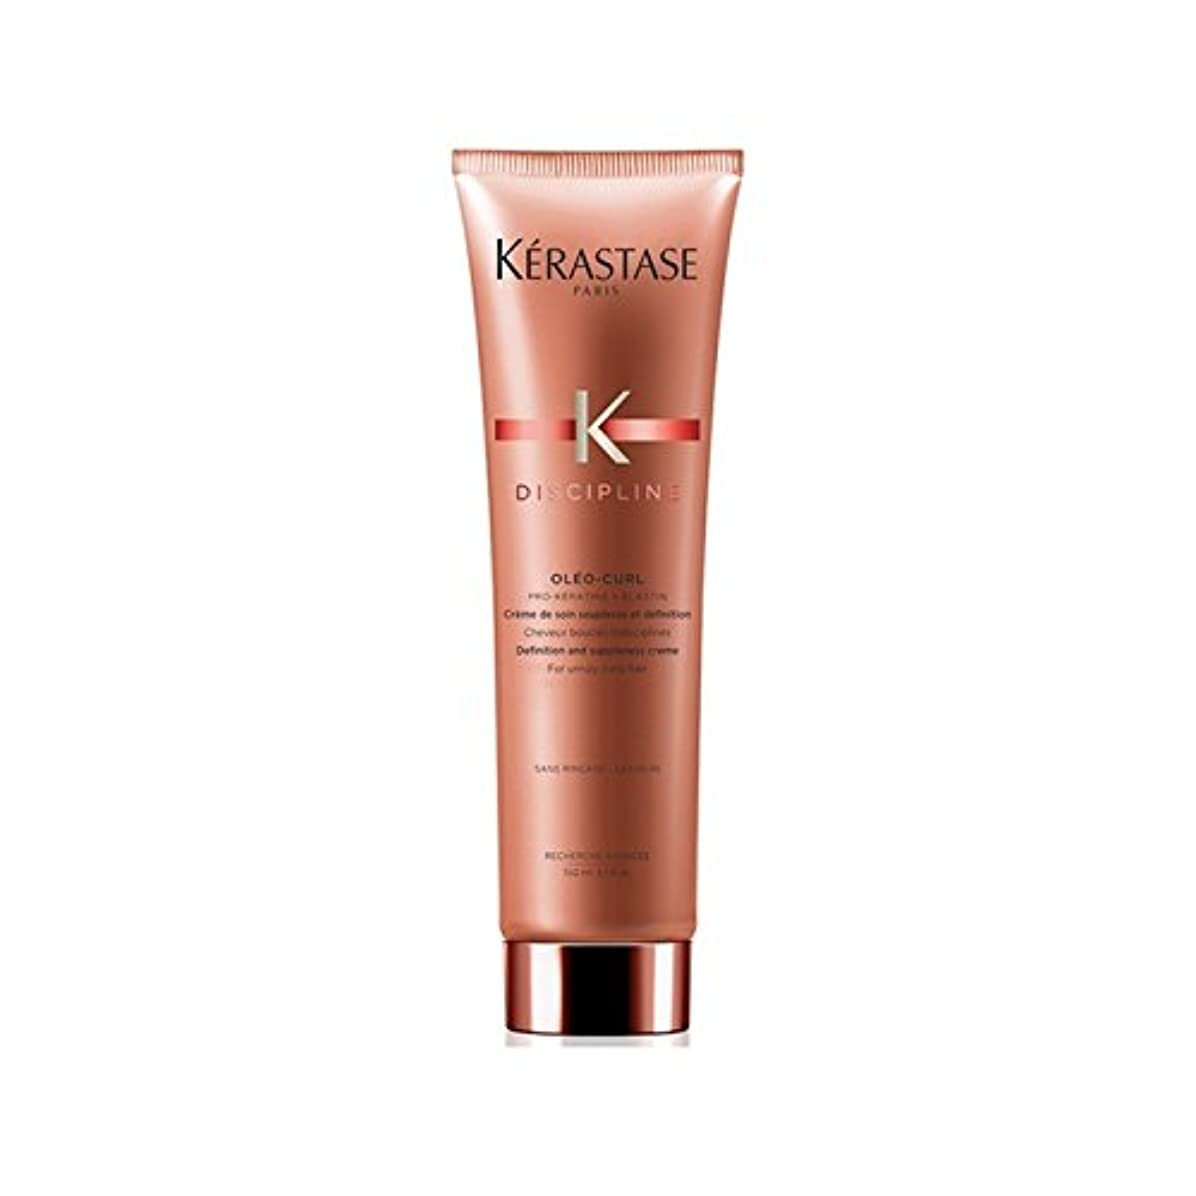 理想的なクレンジングコンディショナー400ミリリットルカールケラスターゼの規律 x2 - K?rastase Discipline Curl Ideal Cleansing Conditioner 400ml (Pack...